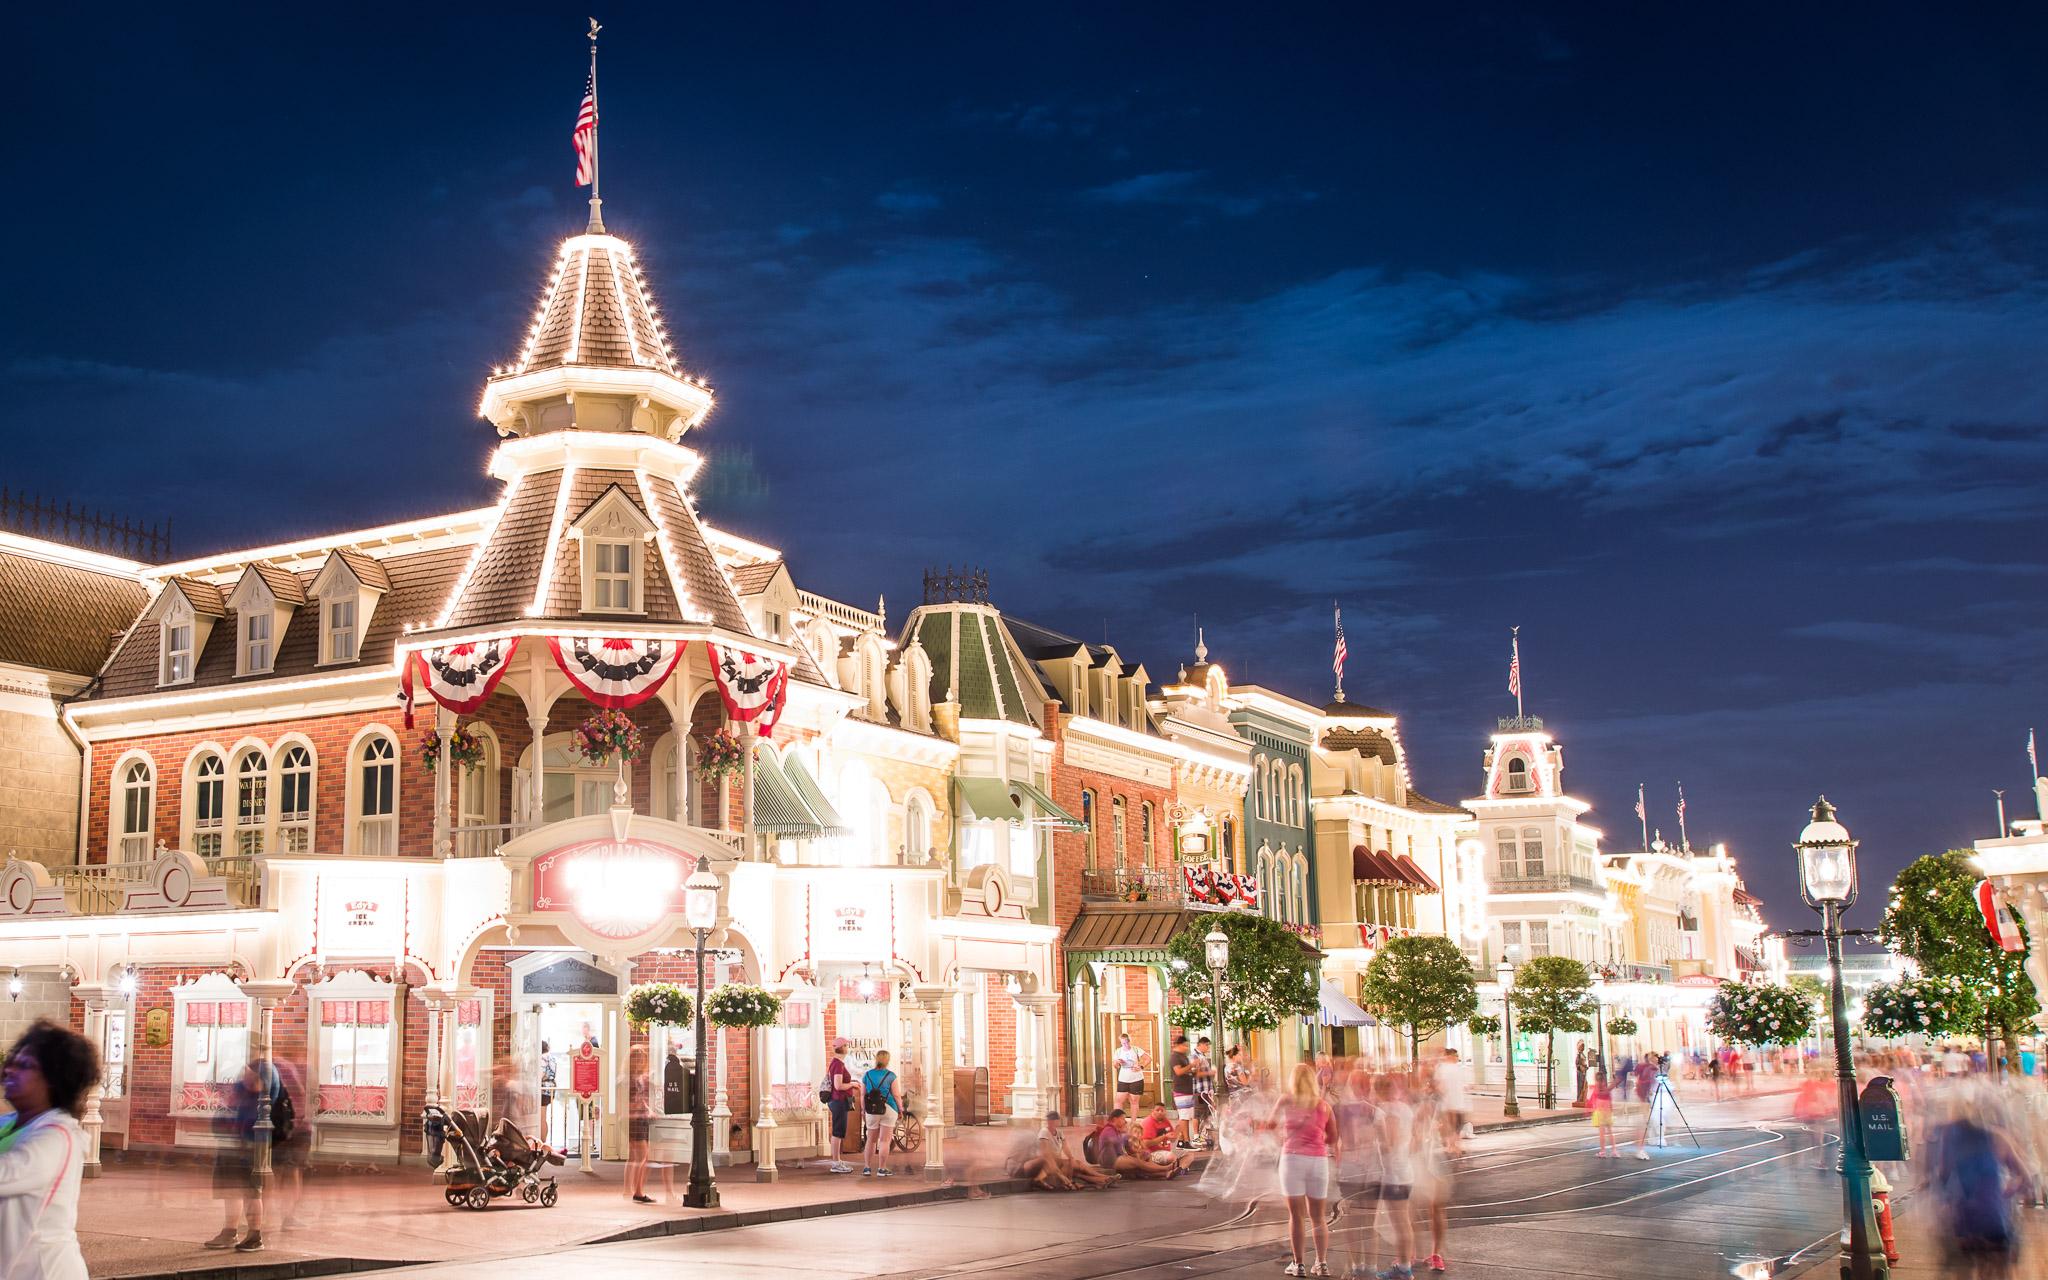 KateTaramykinStudios-Disney-World-Fourth-of July-2015-5.jpg